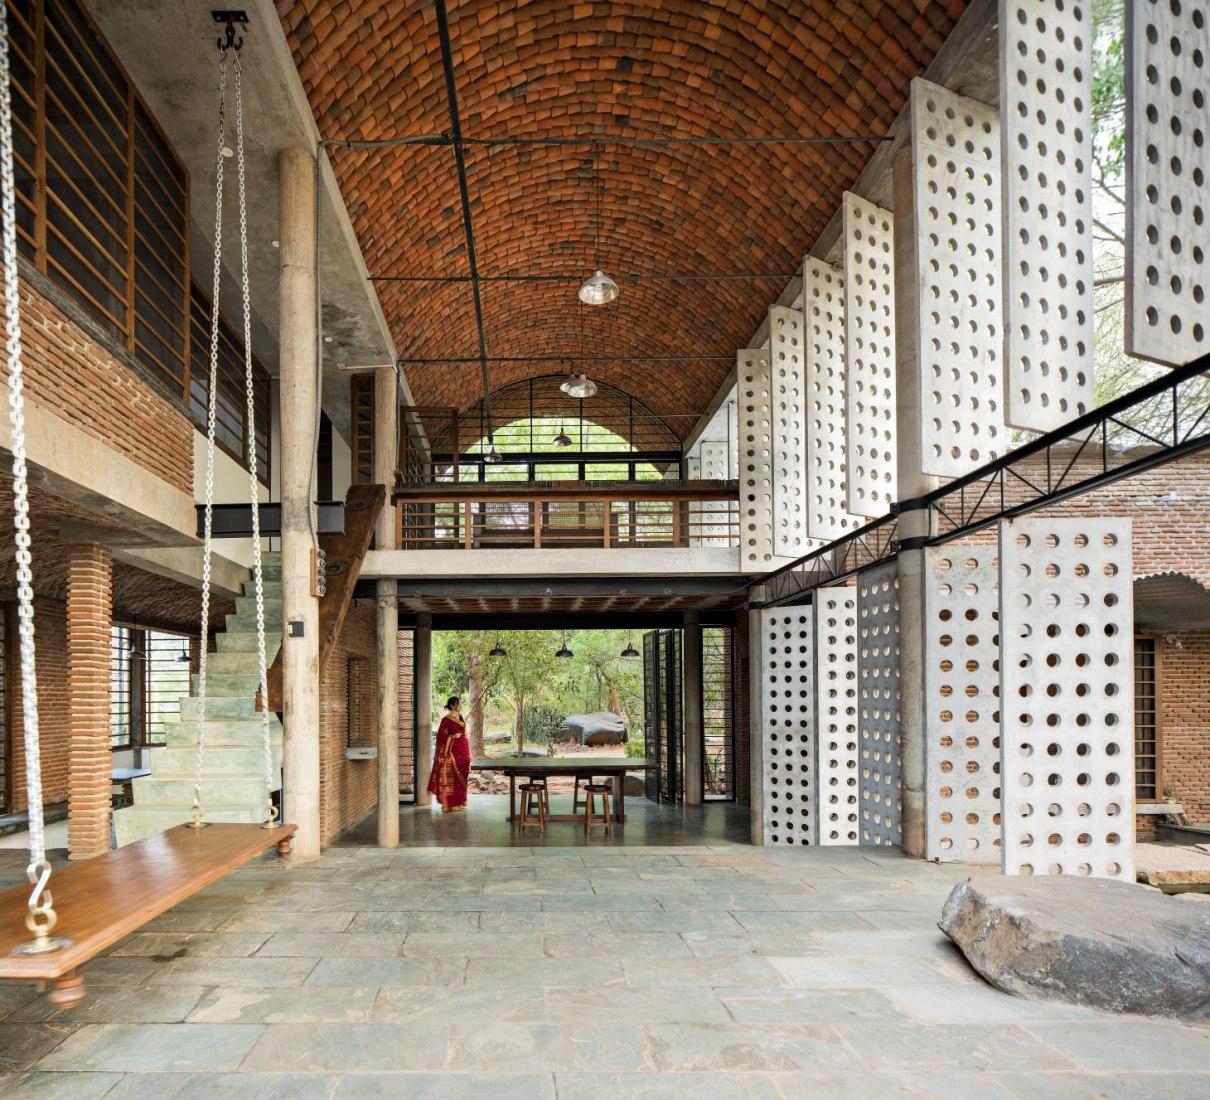 Casa Muro (Wall House) por Anupama Kundoo. Fotografía por Javier Callejas